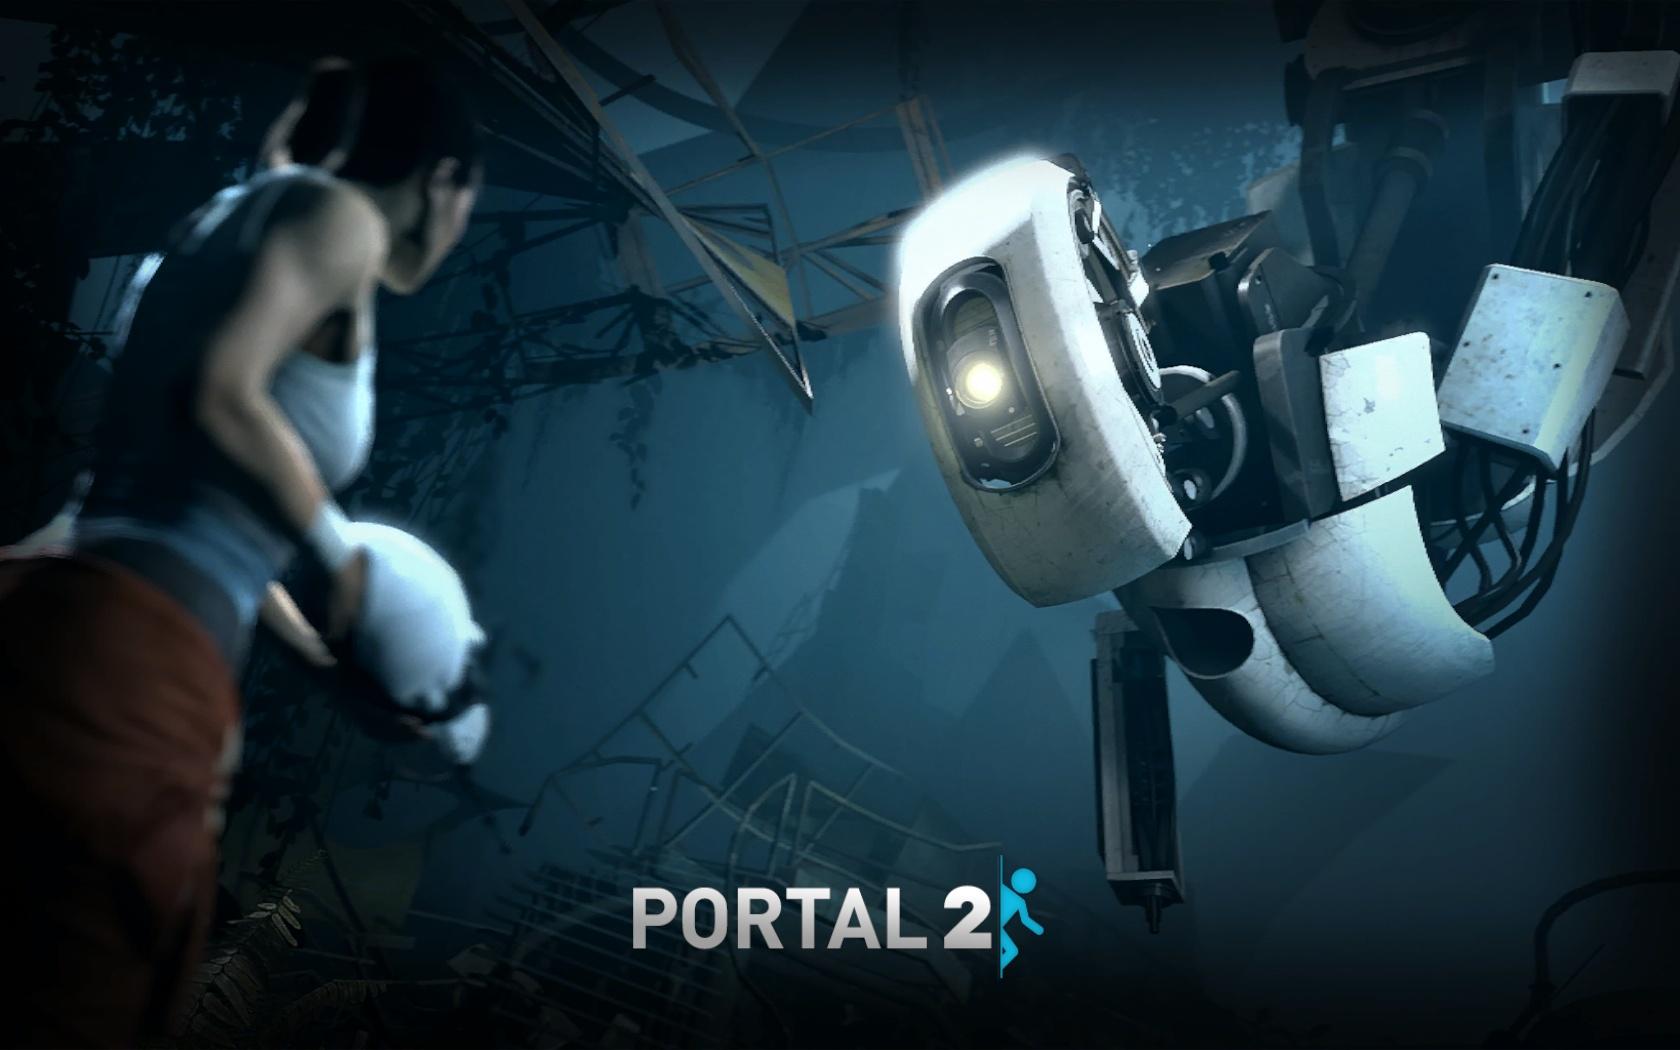 Portal 2 Wallpapers Screenshots 1680x1050